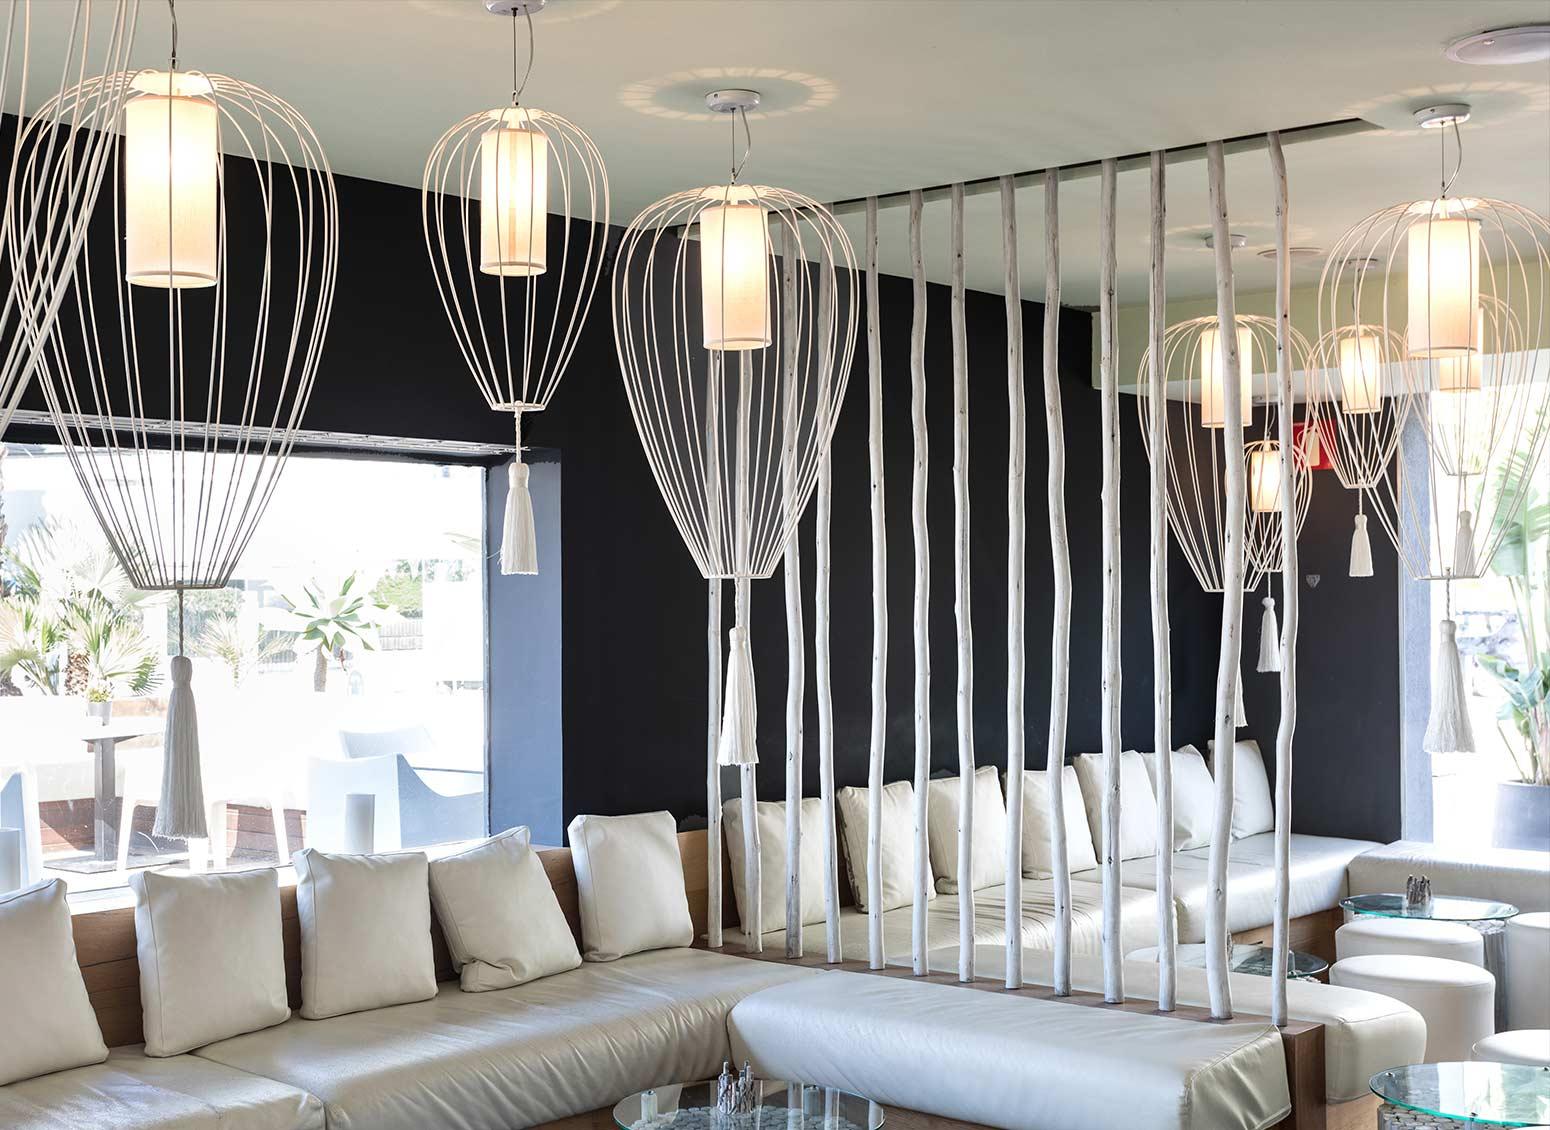 Lampadario Con Punto Luce Decentrato i 5 lampadari a sospensione di grandi dimensioni by karman